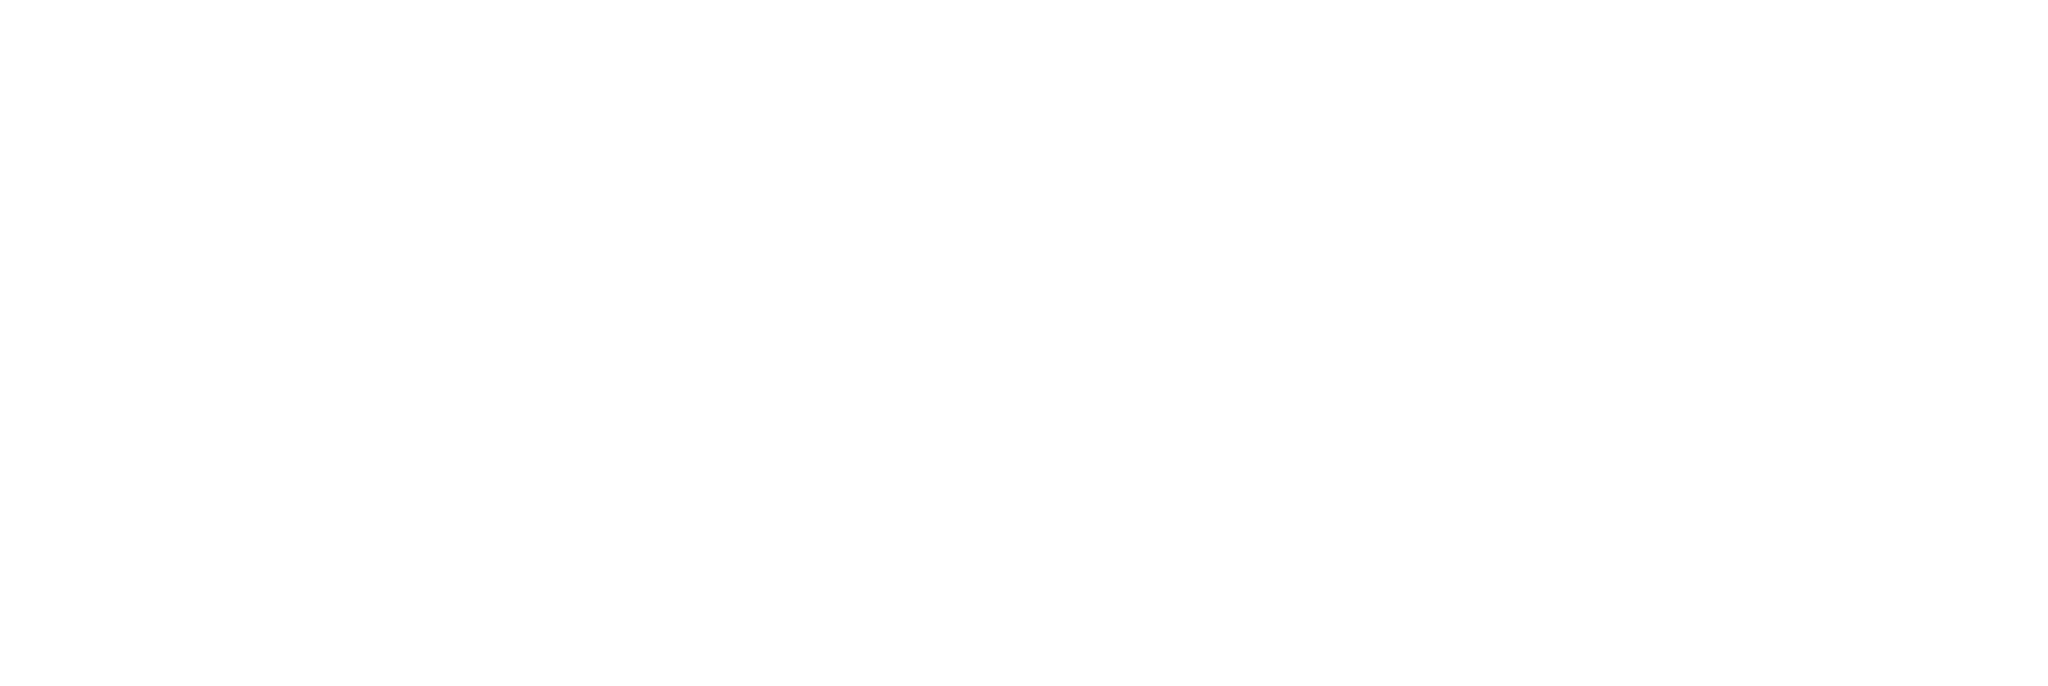 The Black Bean